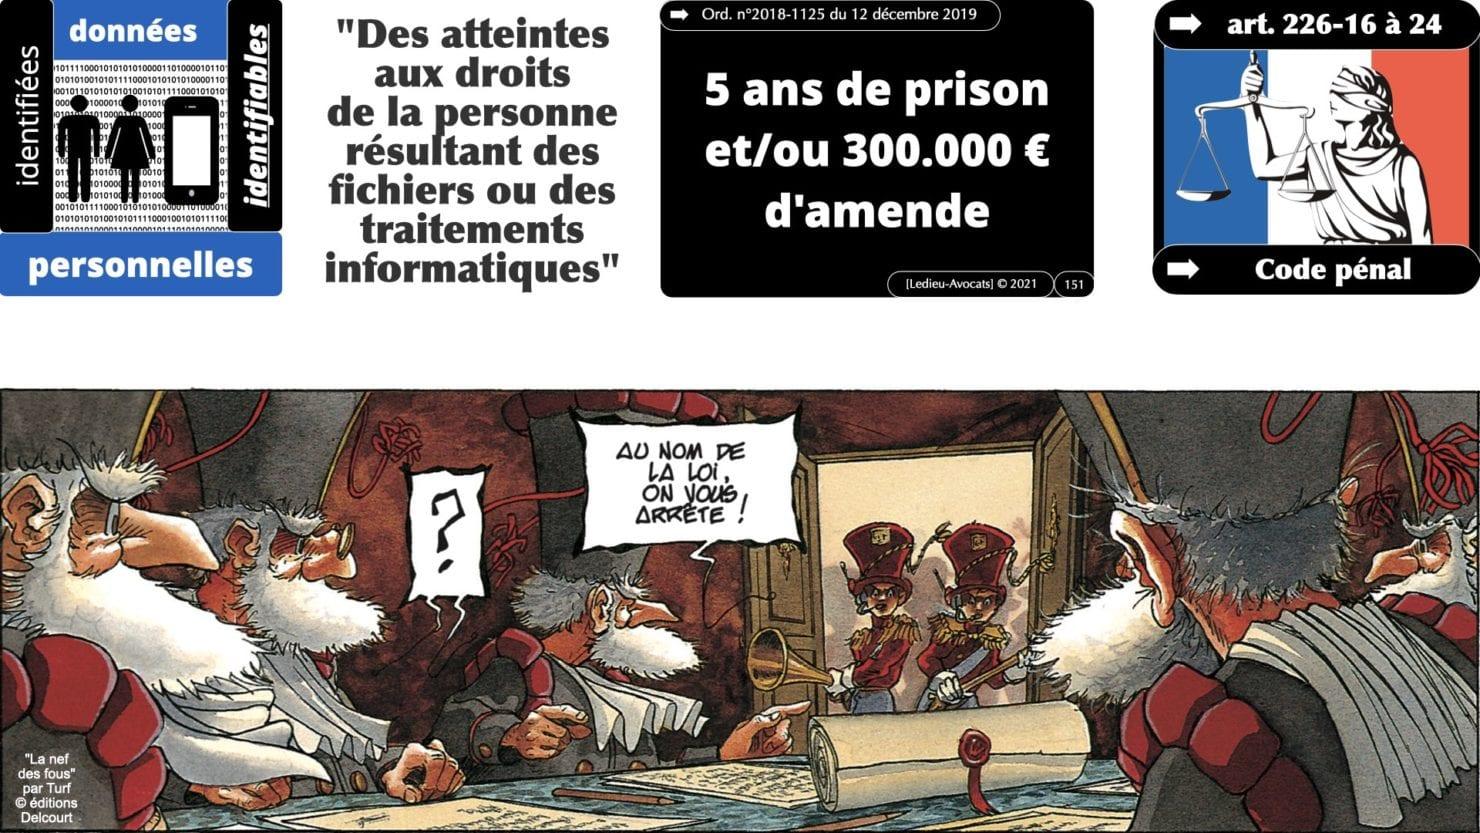 333 CYBER ATTAQUE responsabilité pénale civile contrat © Ledieu-Avocats 23-05-2021.151